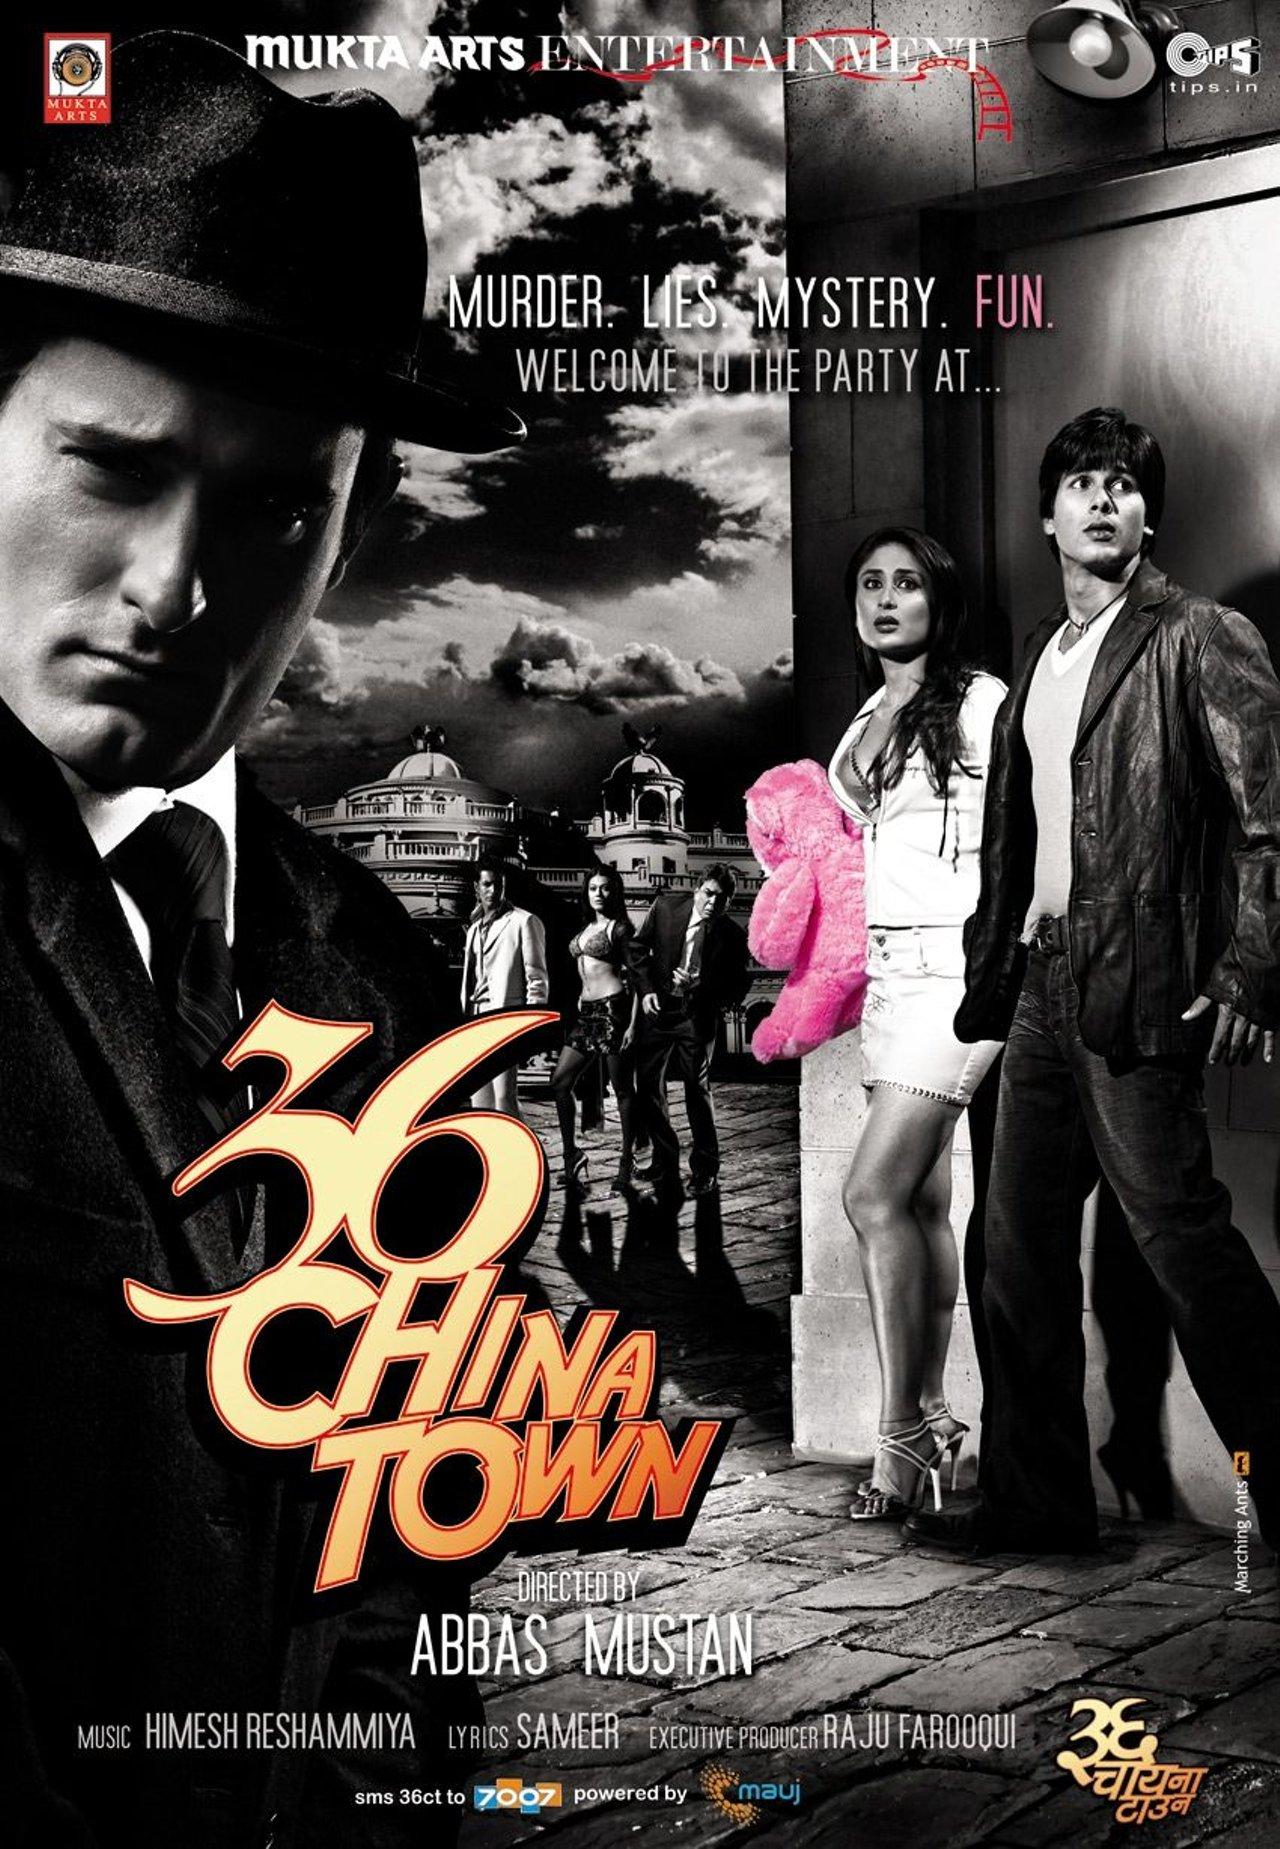 Казино чайн таун 36 индийский фильм почему вылезает реклама казино